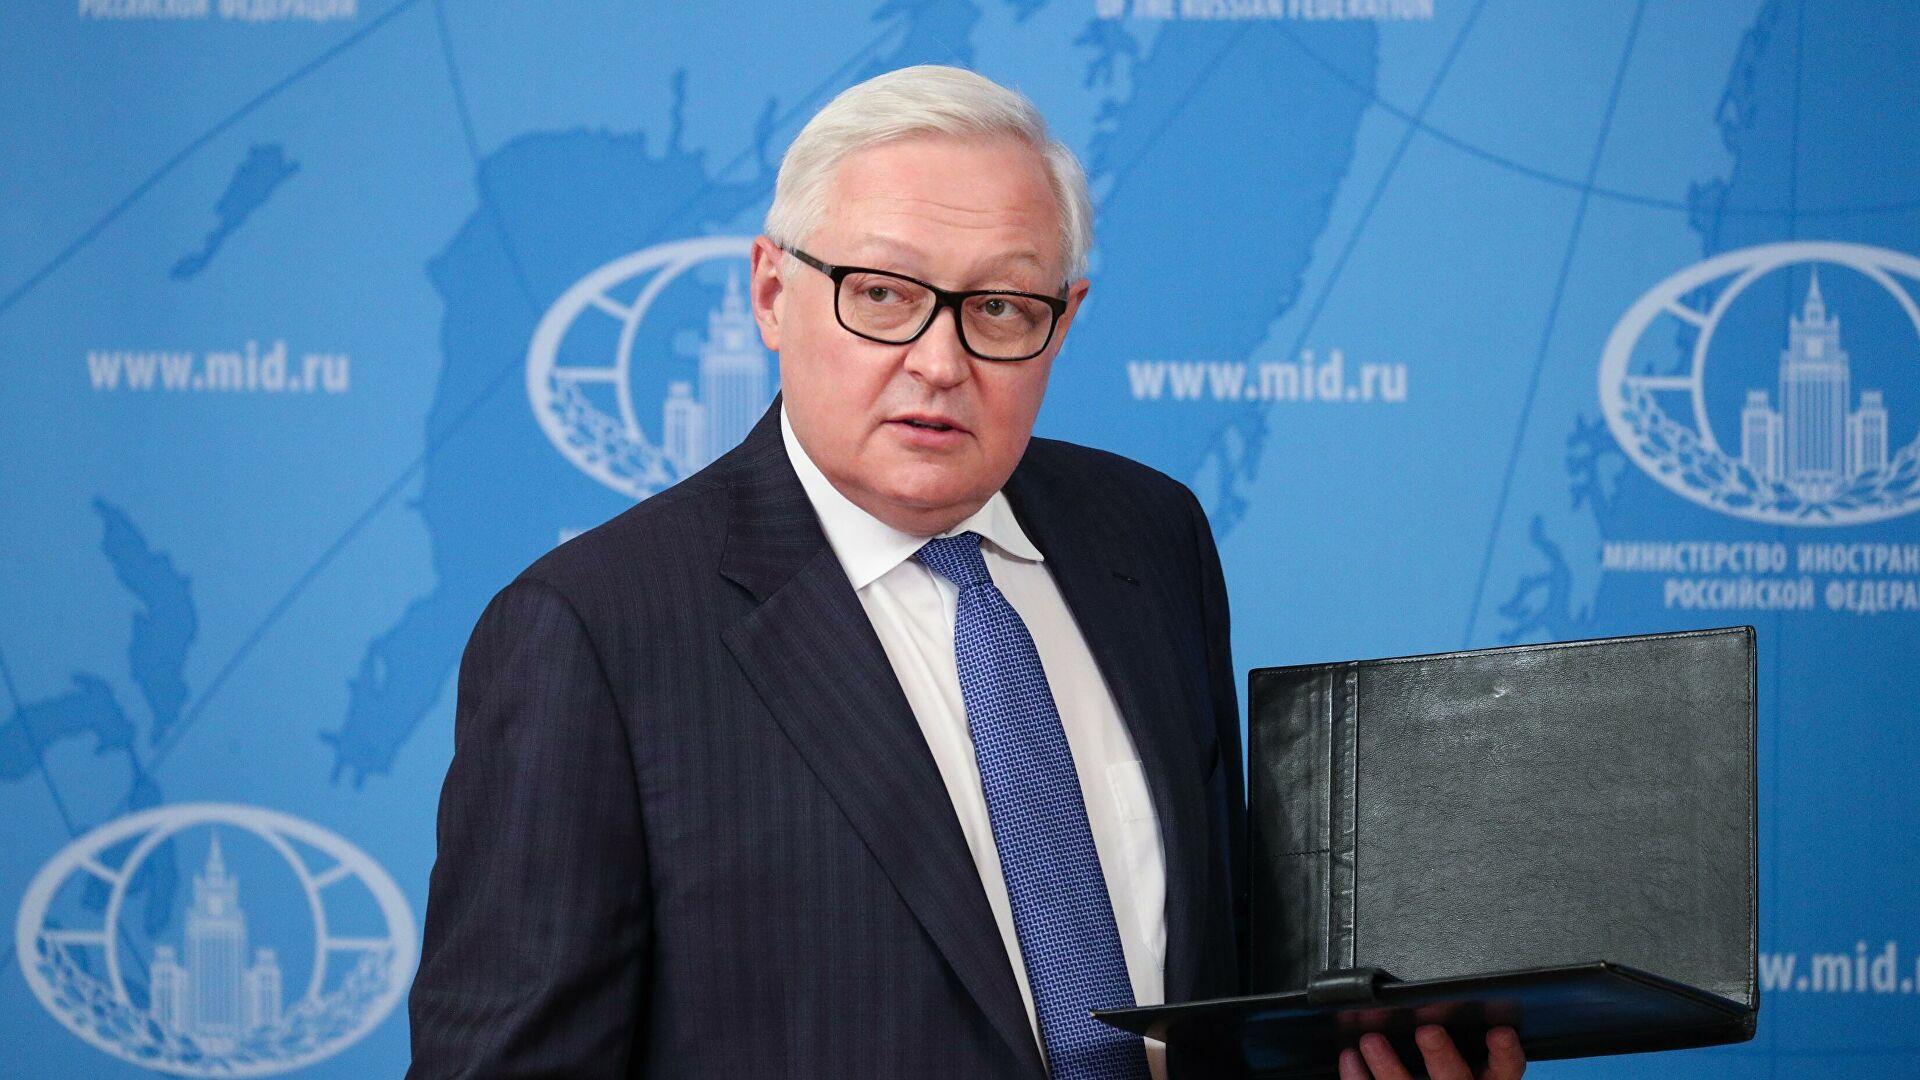 Рјабков: Русија и Кина ће јачати свој утицај на међународној сцени